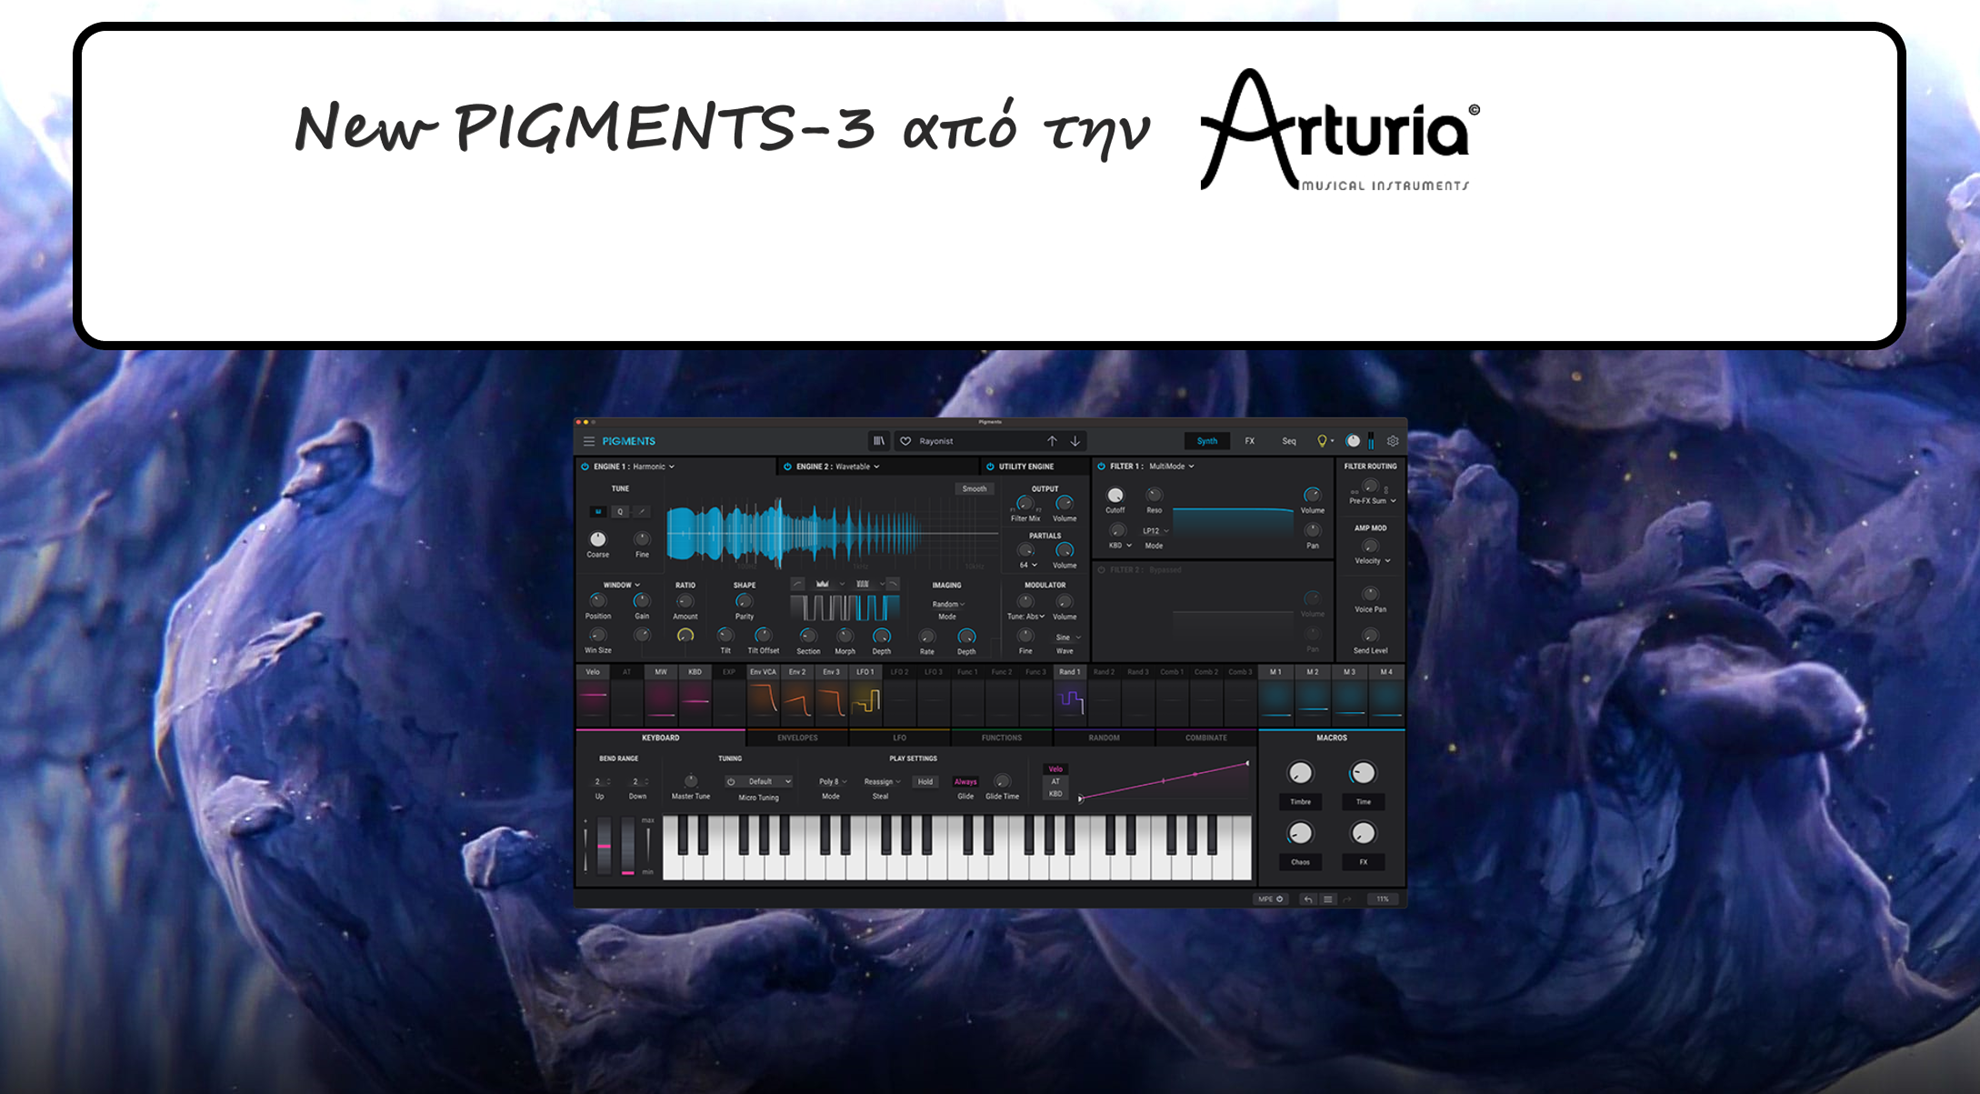 Εικόνα για την κατηγορία Νέα έκδοση Pigments-3 από την Arturia